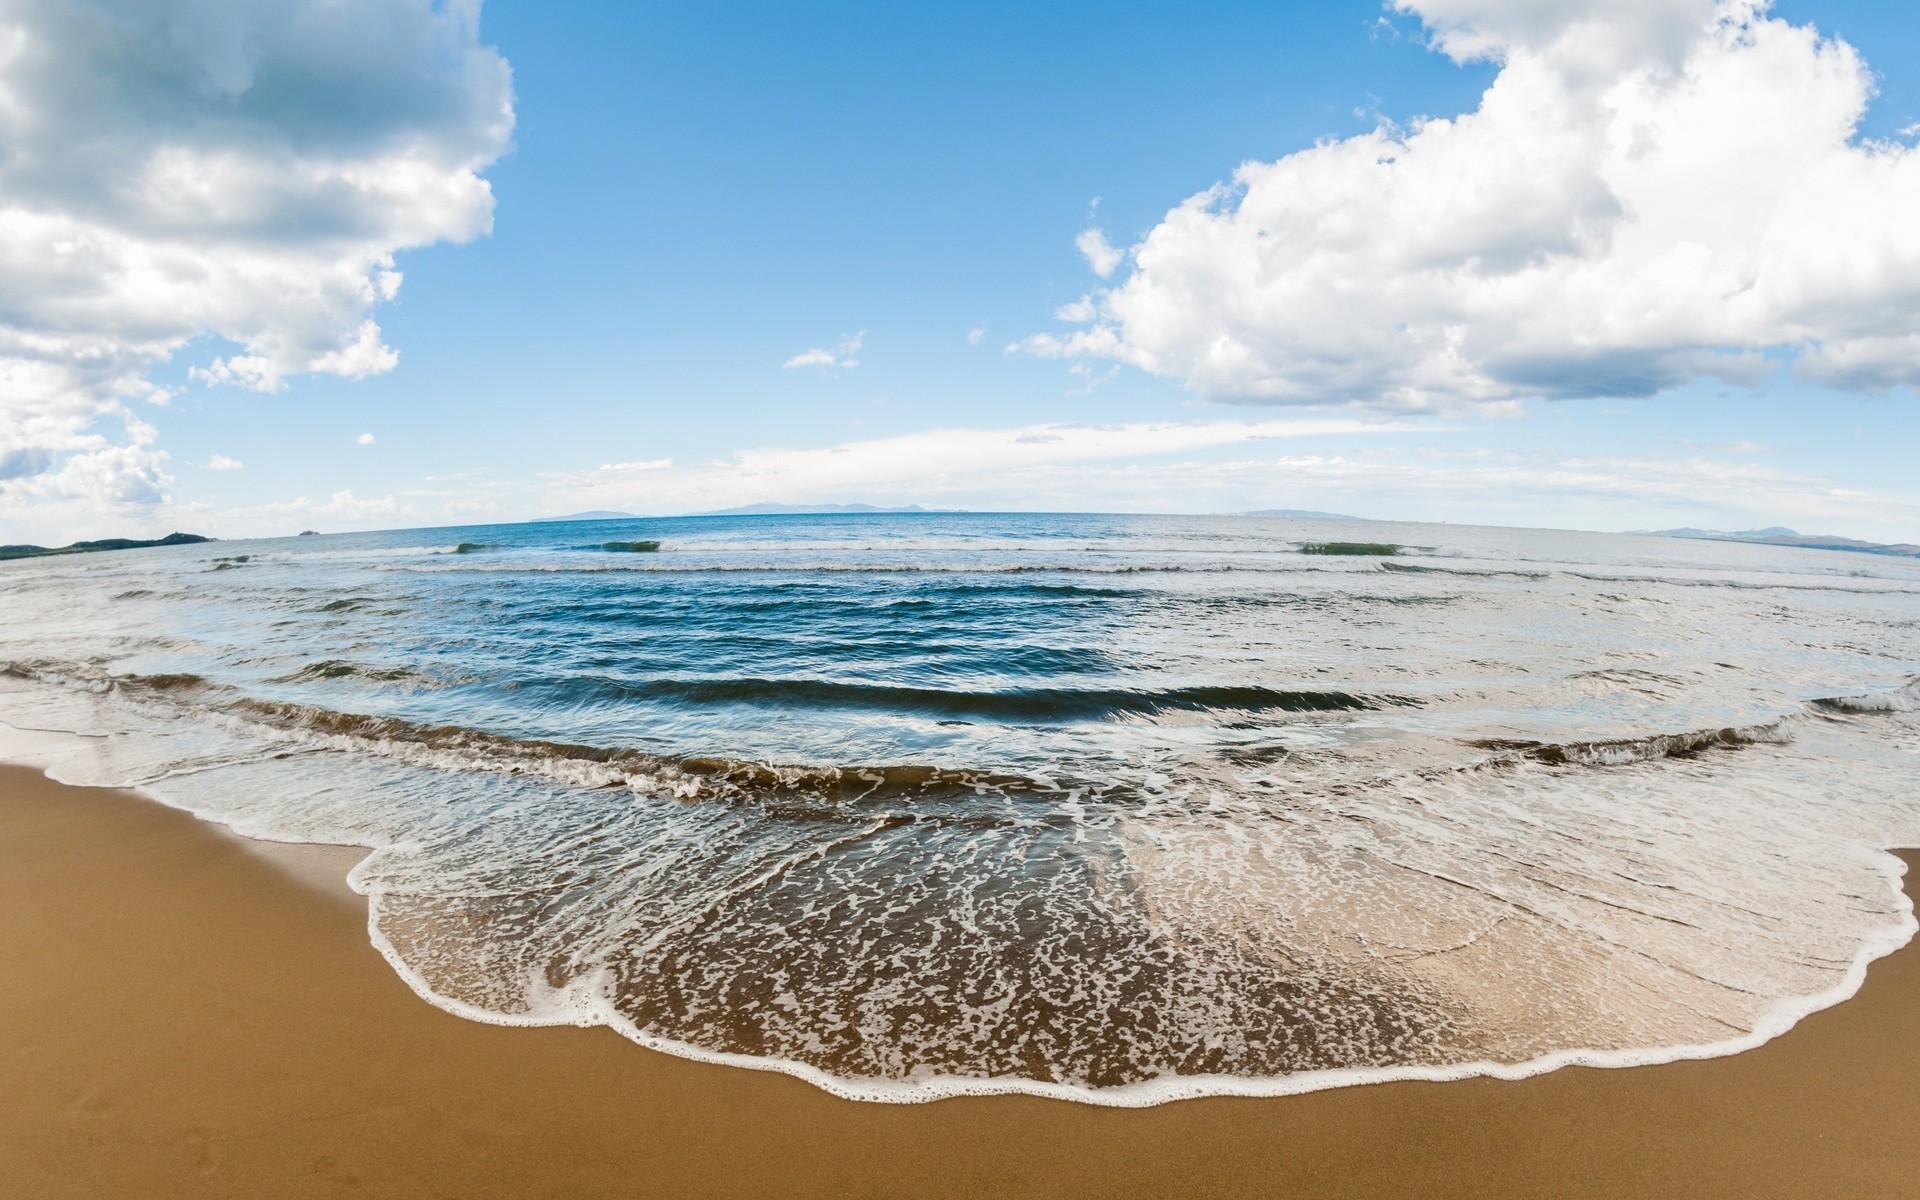 песок на берегу моря картинки первую